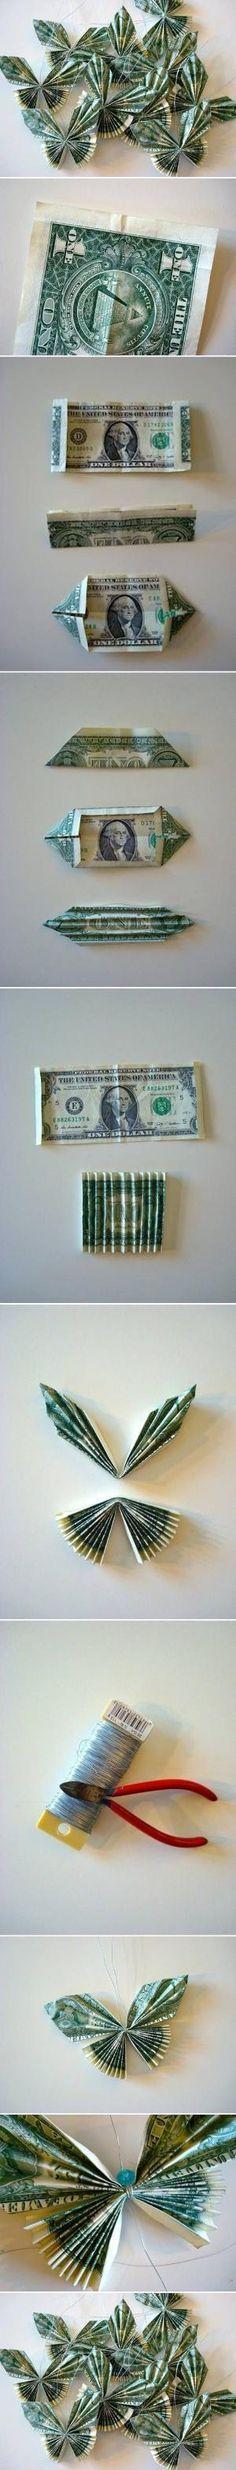 {DIY Dollar Bill Butterfly} by latoya